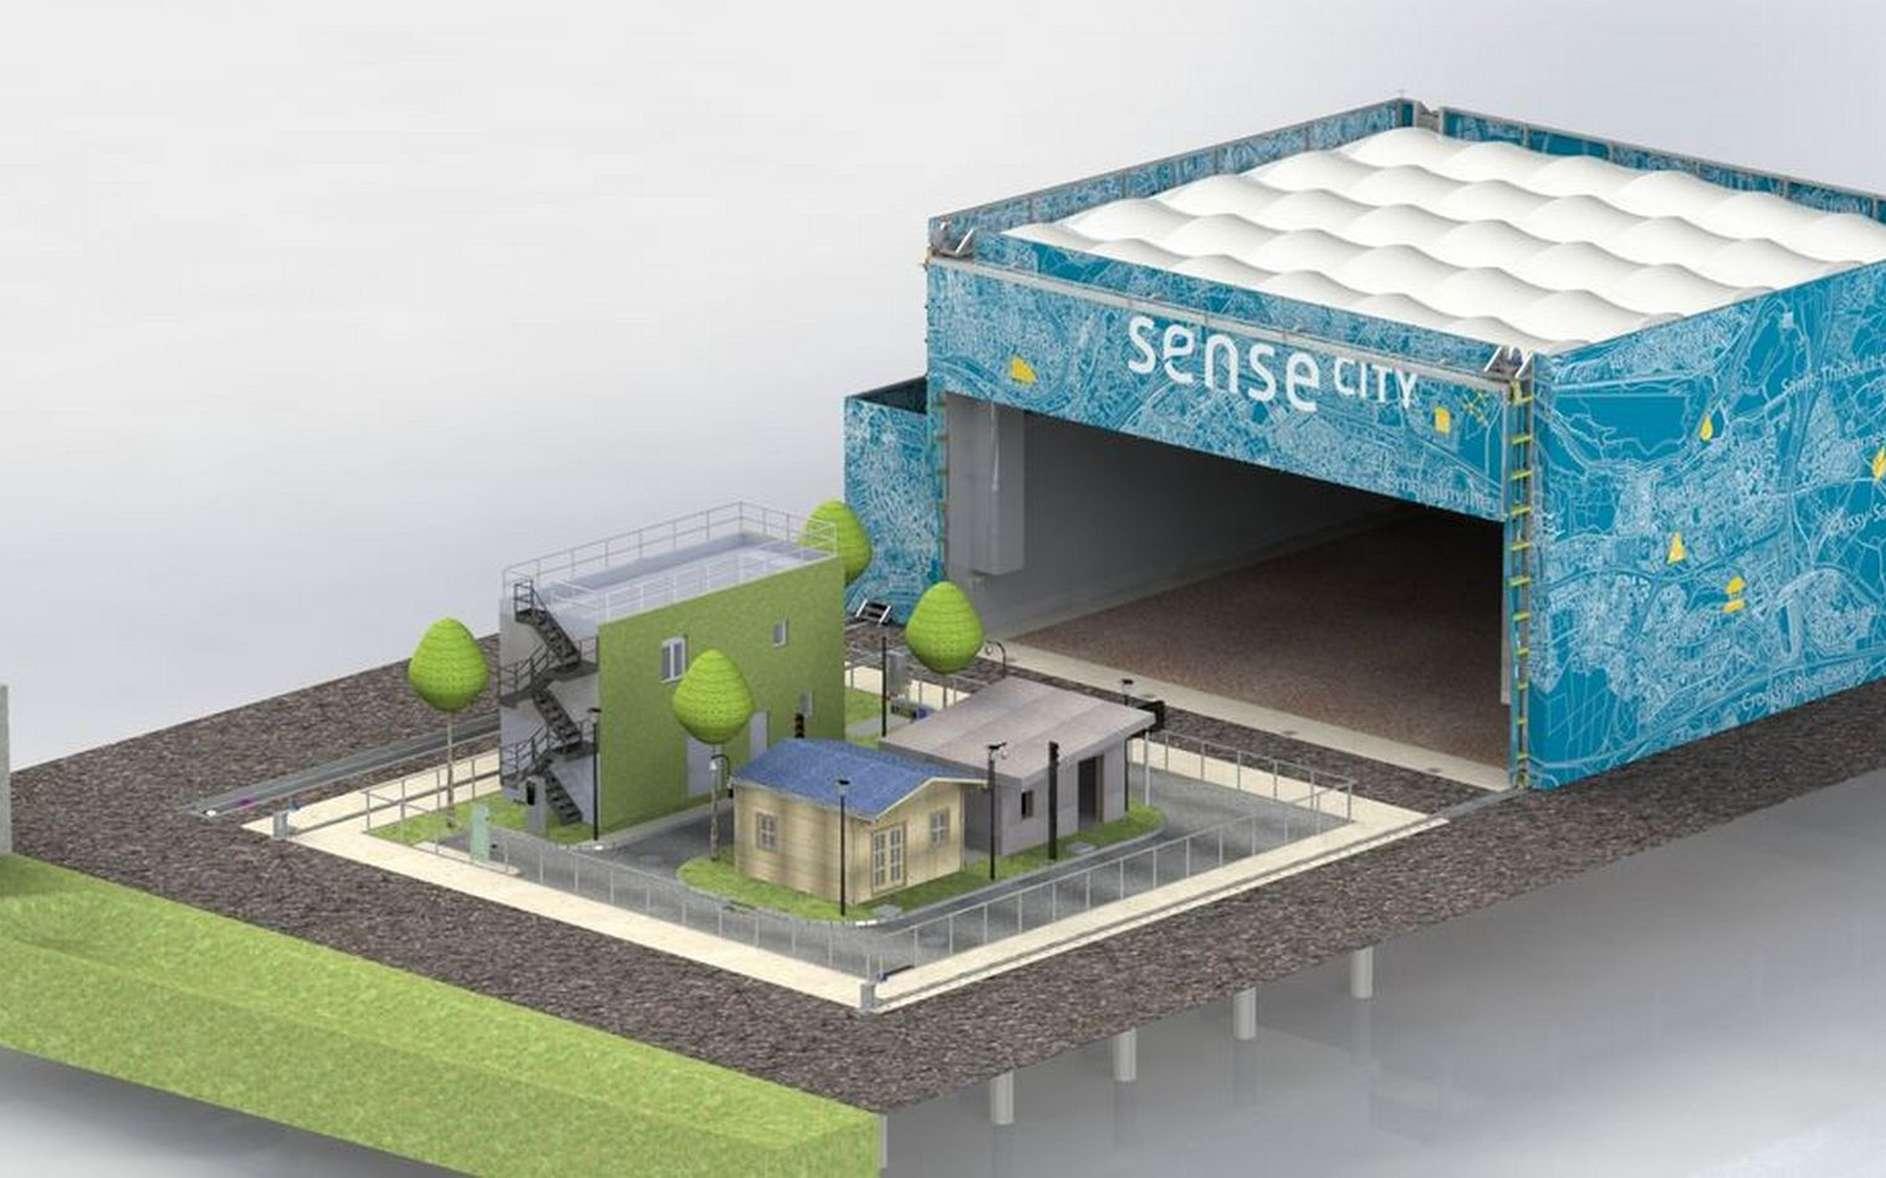 La plate-forme Sense-City se compose de deux « mini-villes » de 400 m² chacune. © Sense-City, Ifsttar